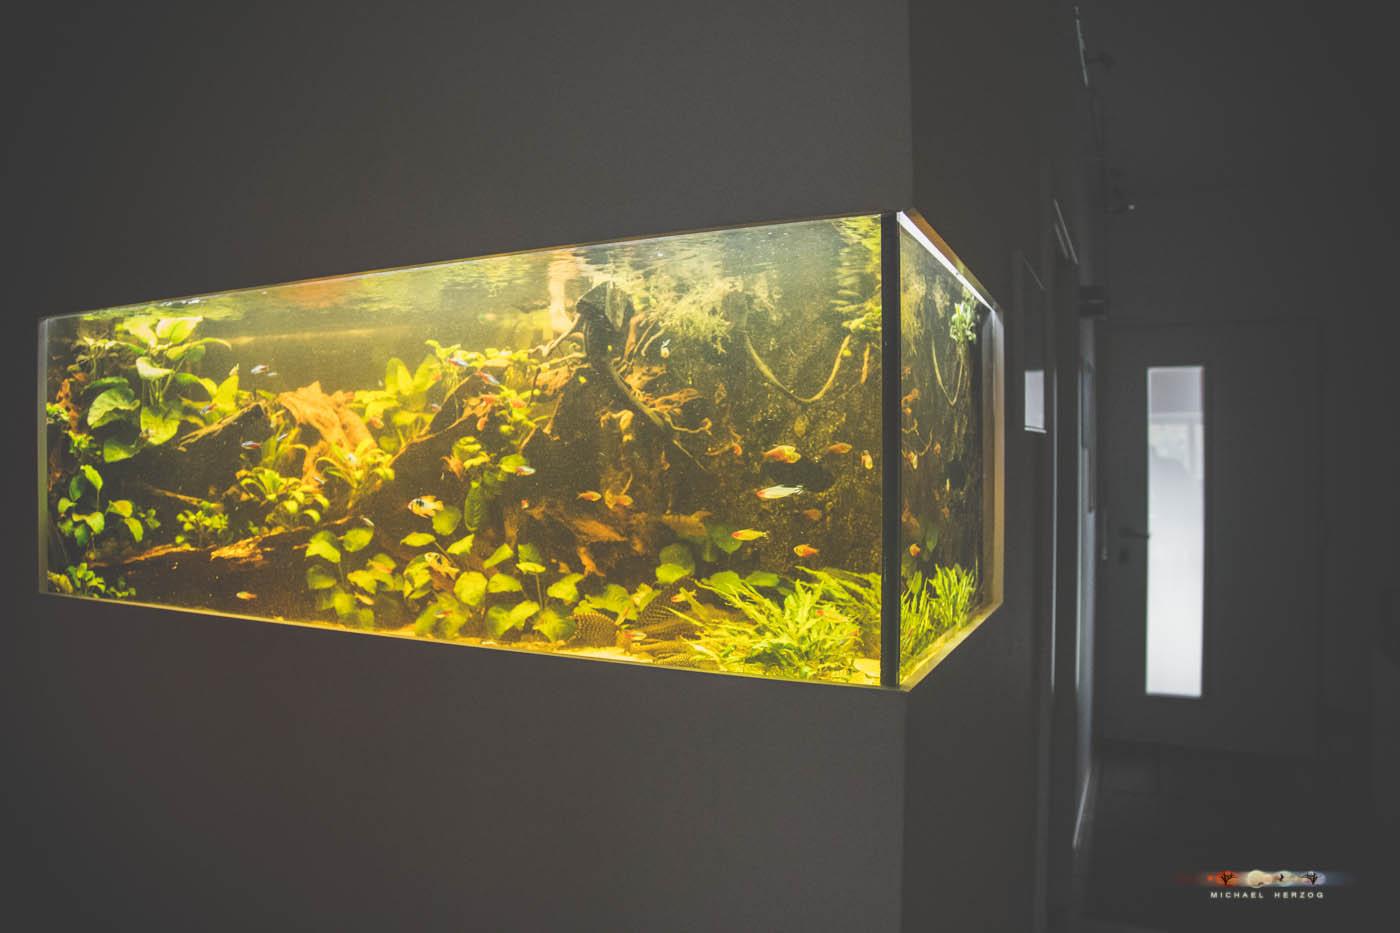 Aquarium_MichaelHerzog-5096.jpg